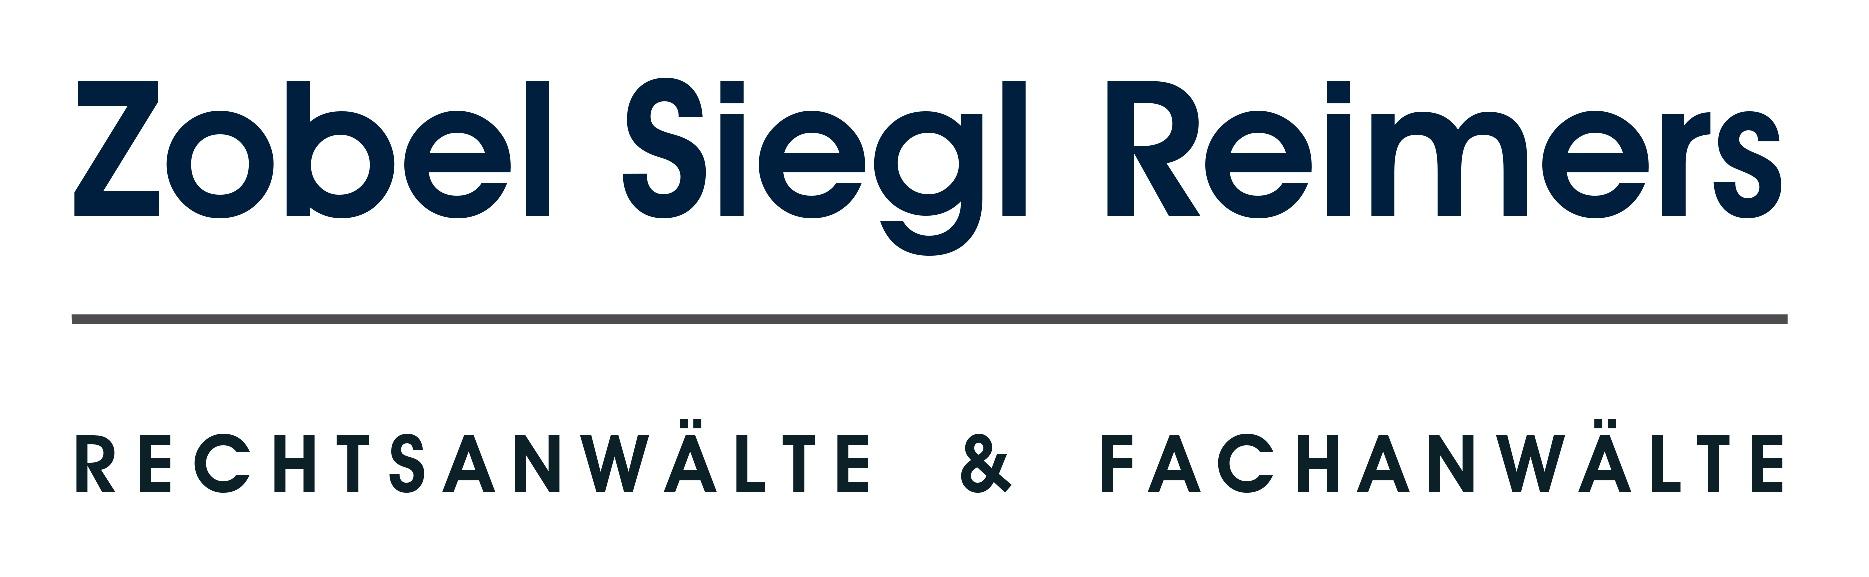 Rechtsanwälte Zobel, Siegl, Reimers